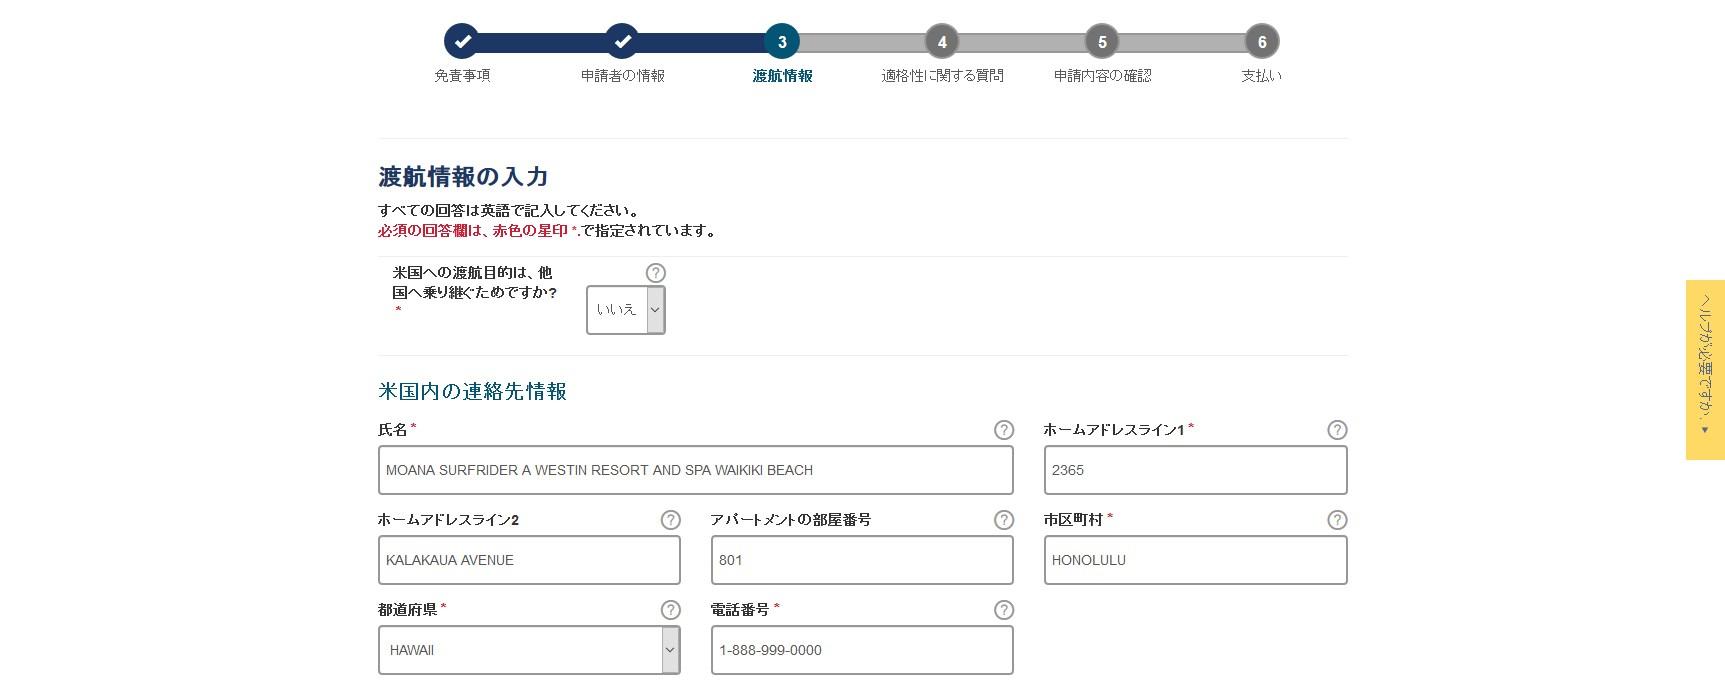 渡航情報入力例01_米国内の連絡先情報